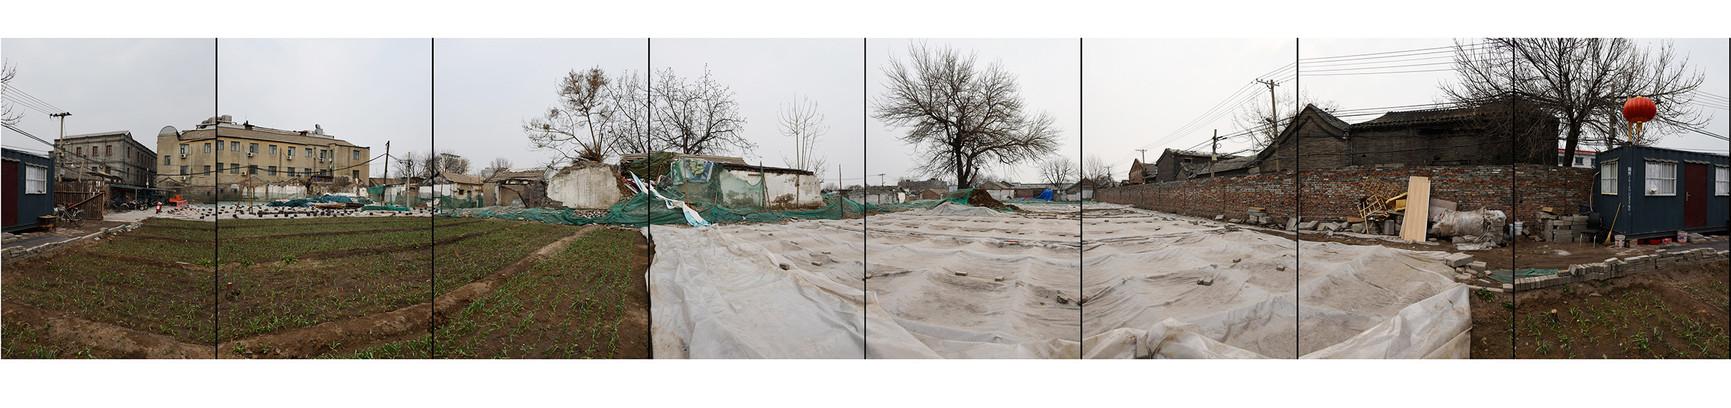 北京废墟14.jpg